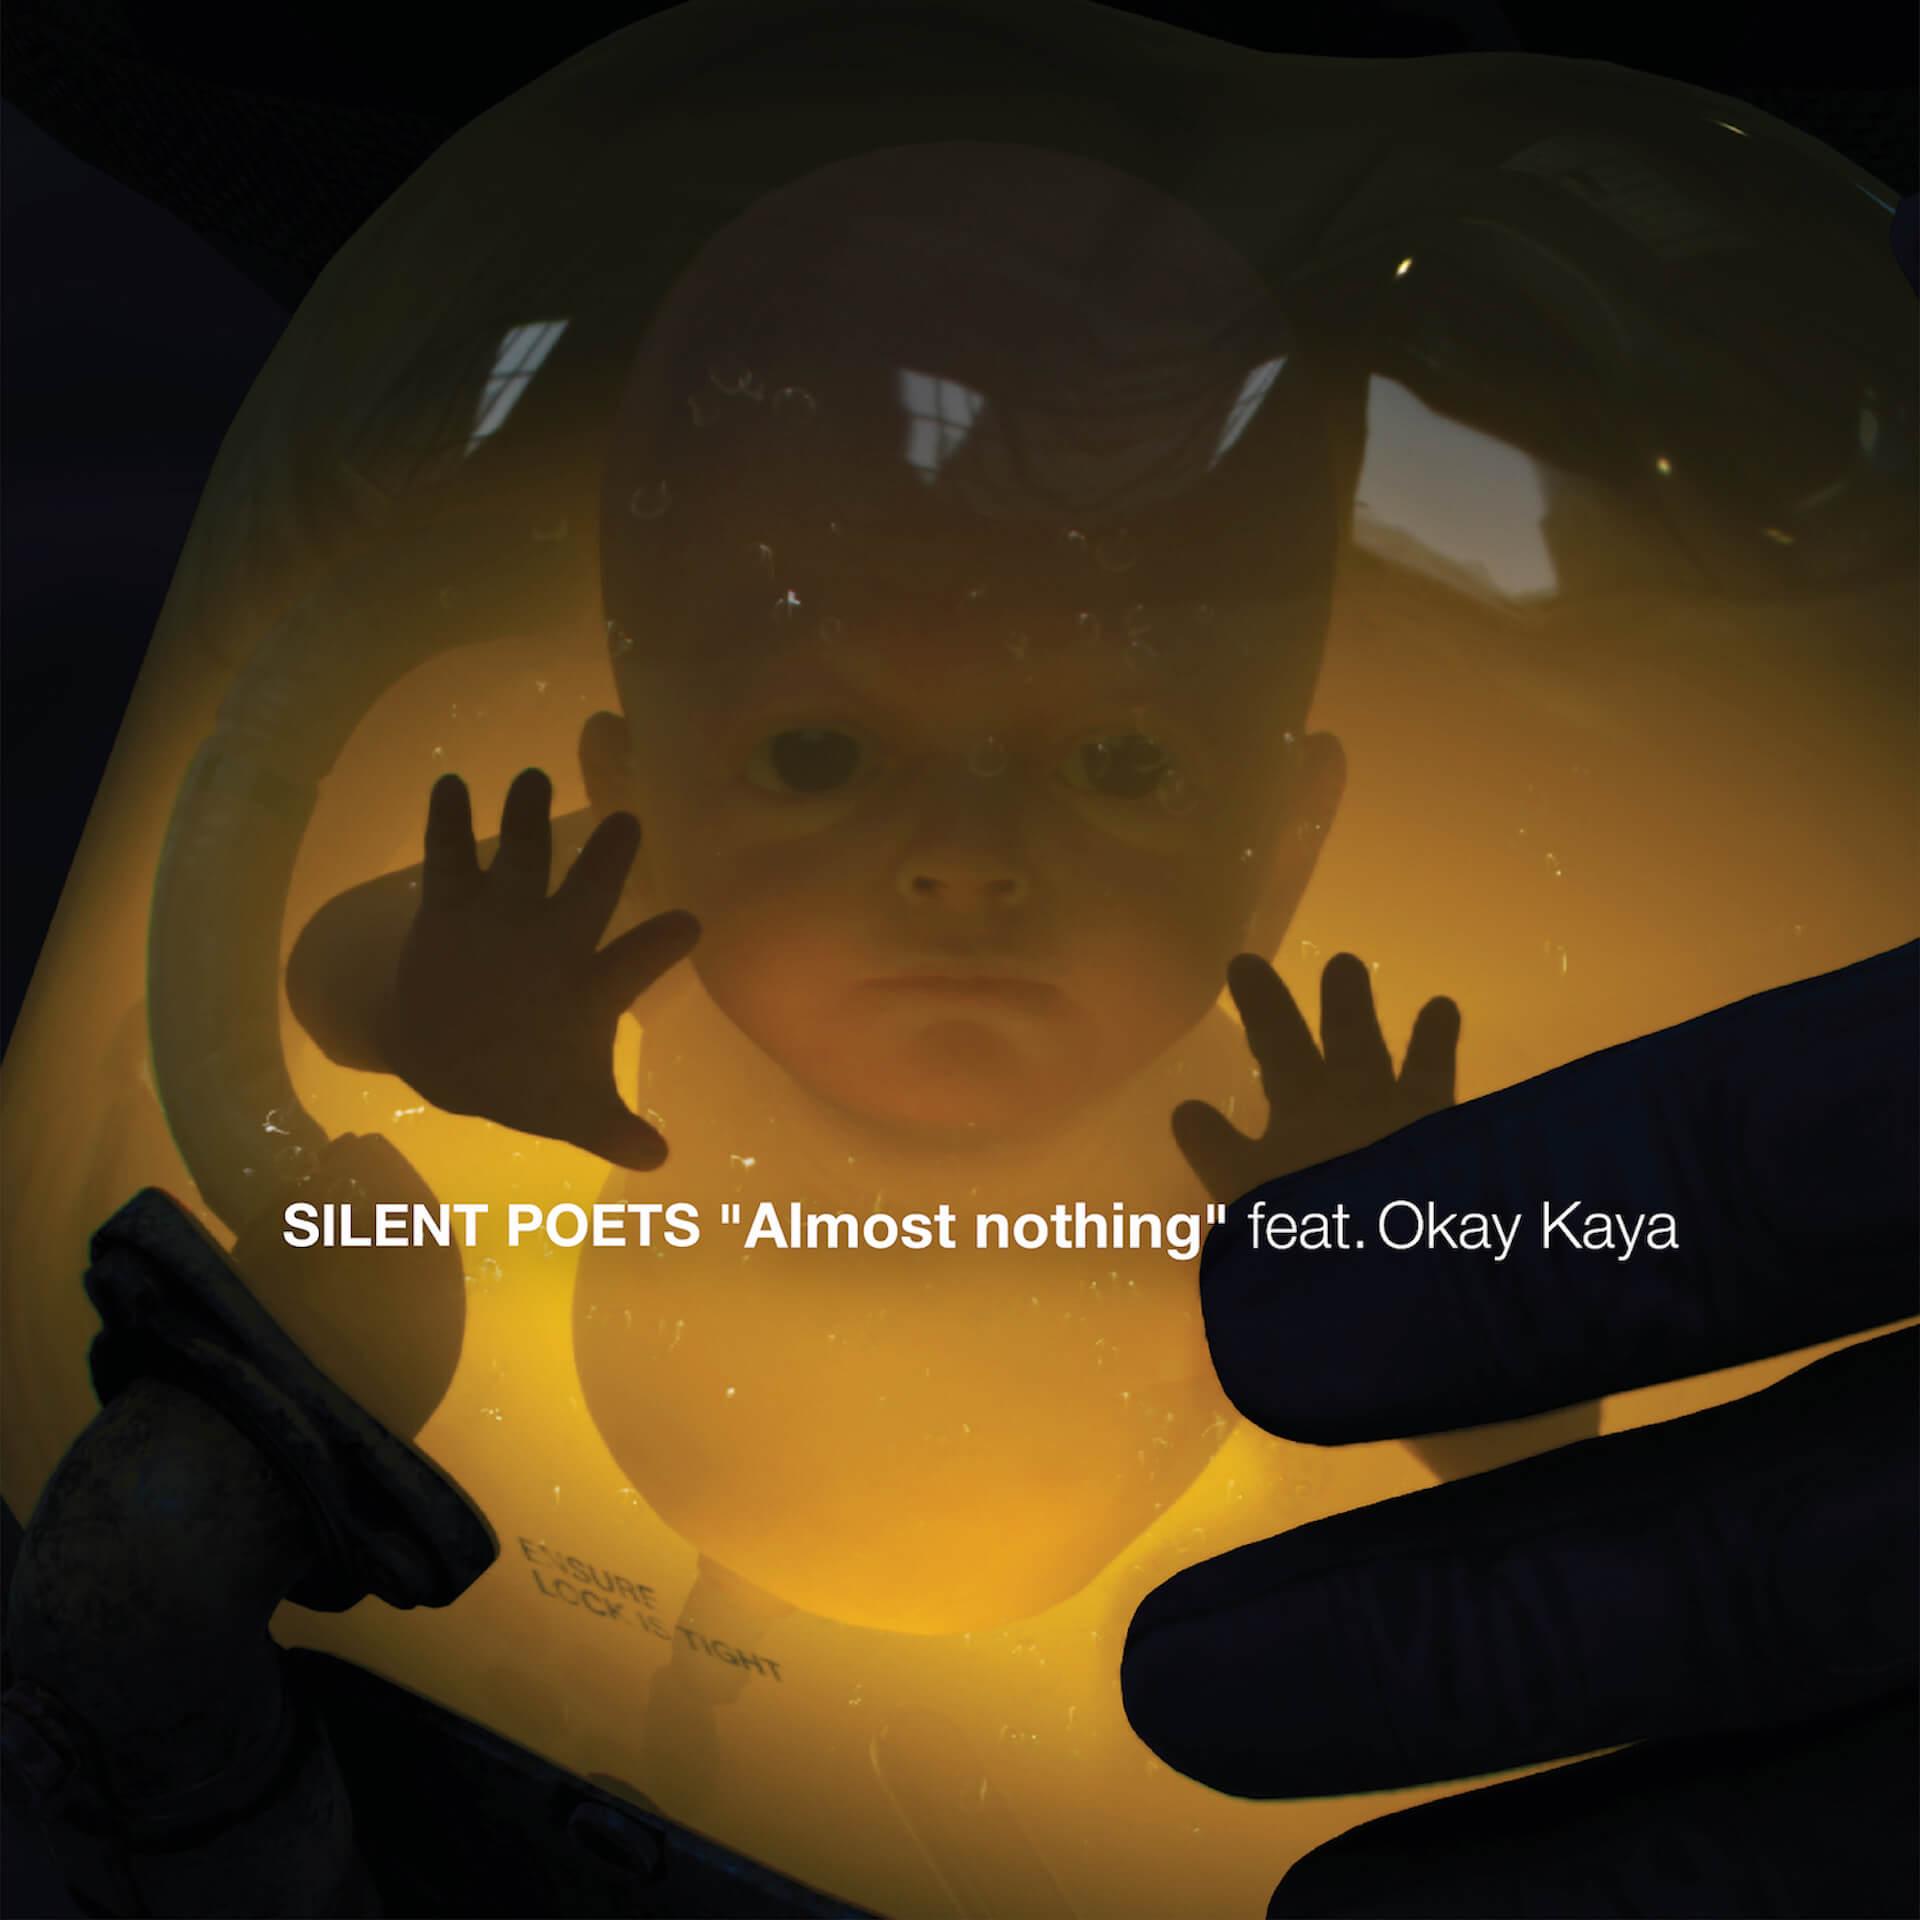 話題沸騰中の『デス・ストランディング』テーマ曲、Silent Poets「Almost nothing」のMVが公開 music191202_silentpoets_mv_3